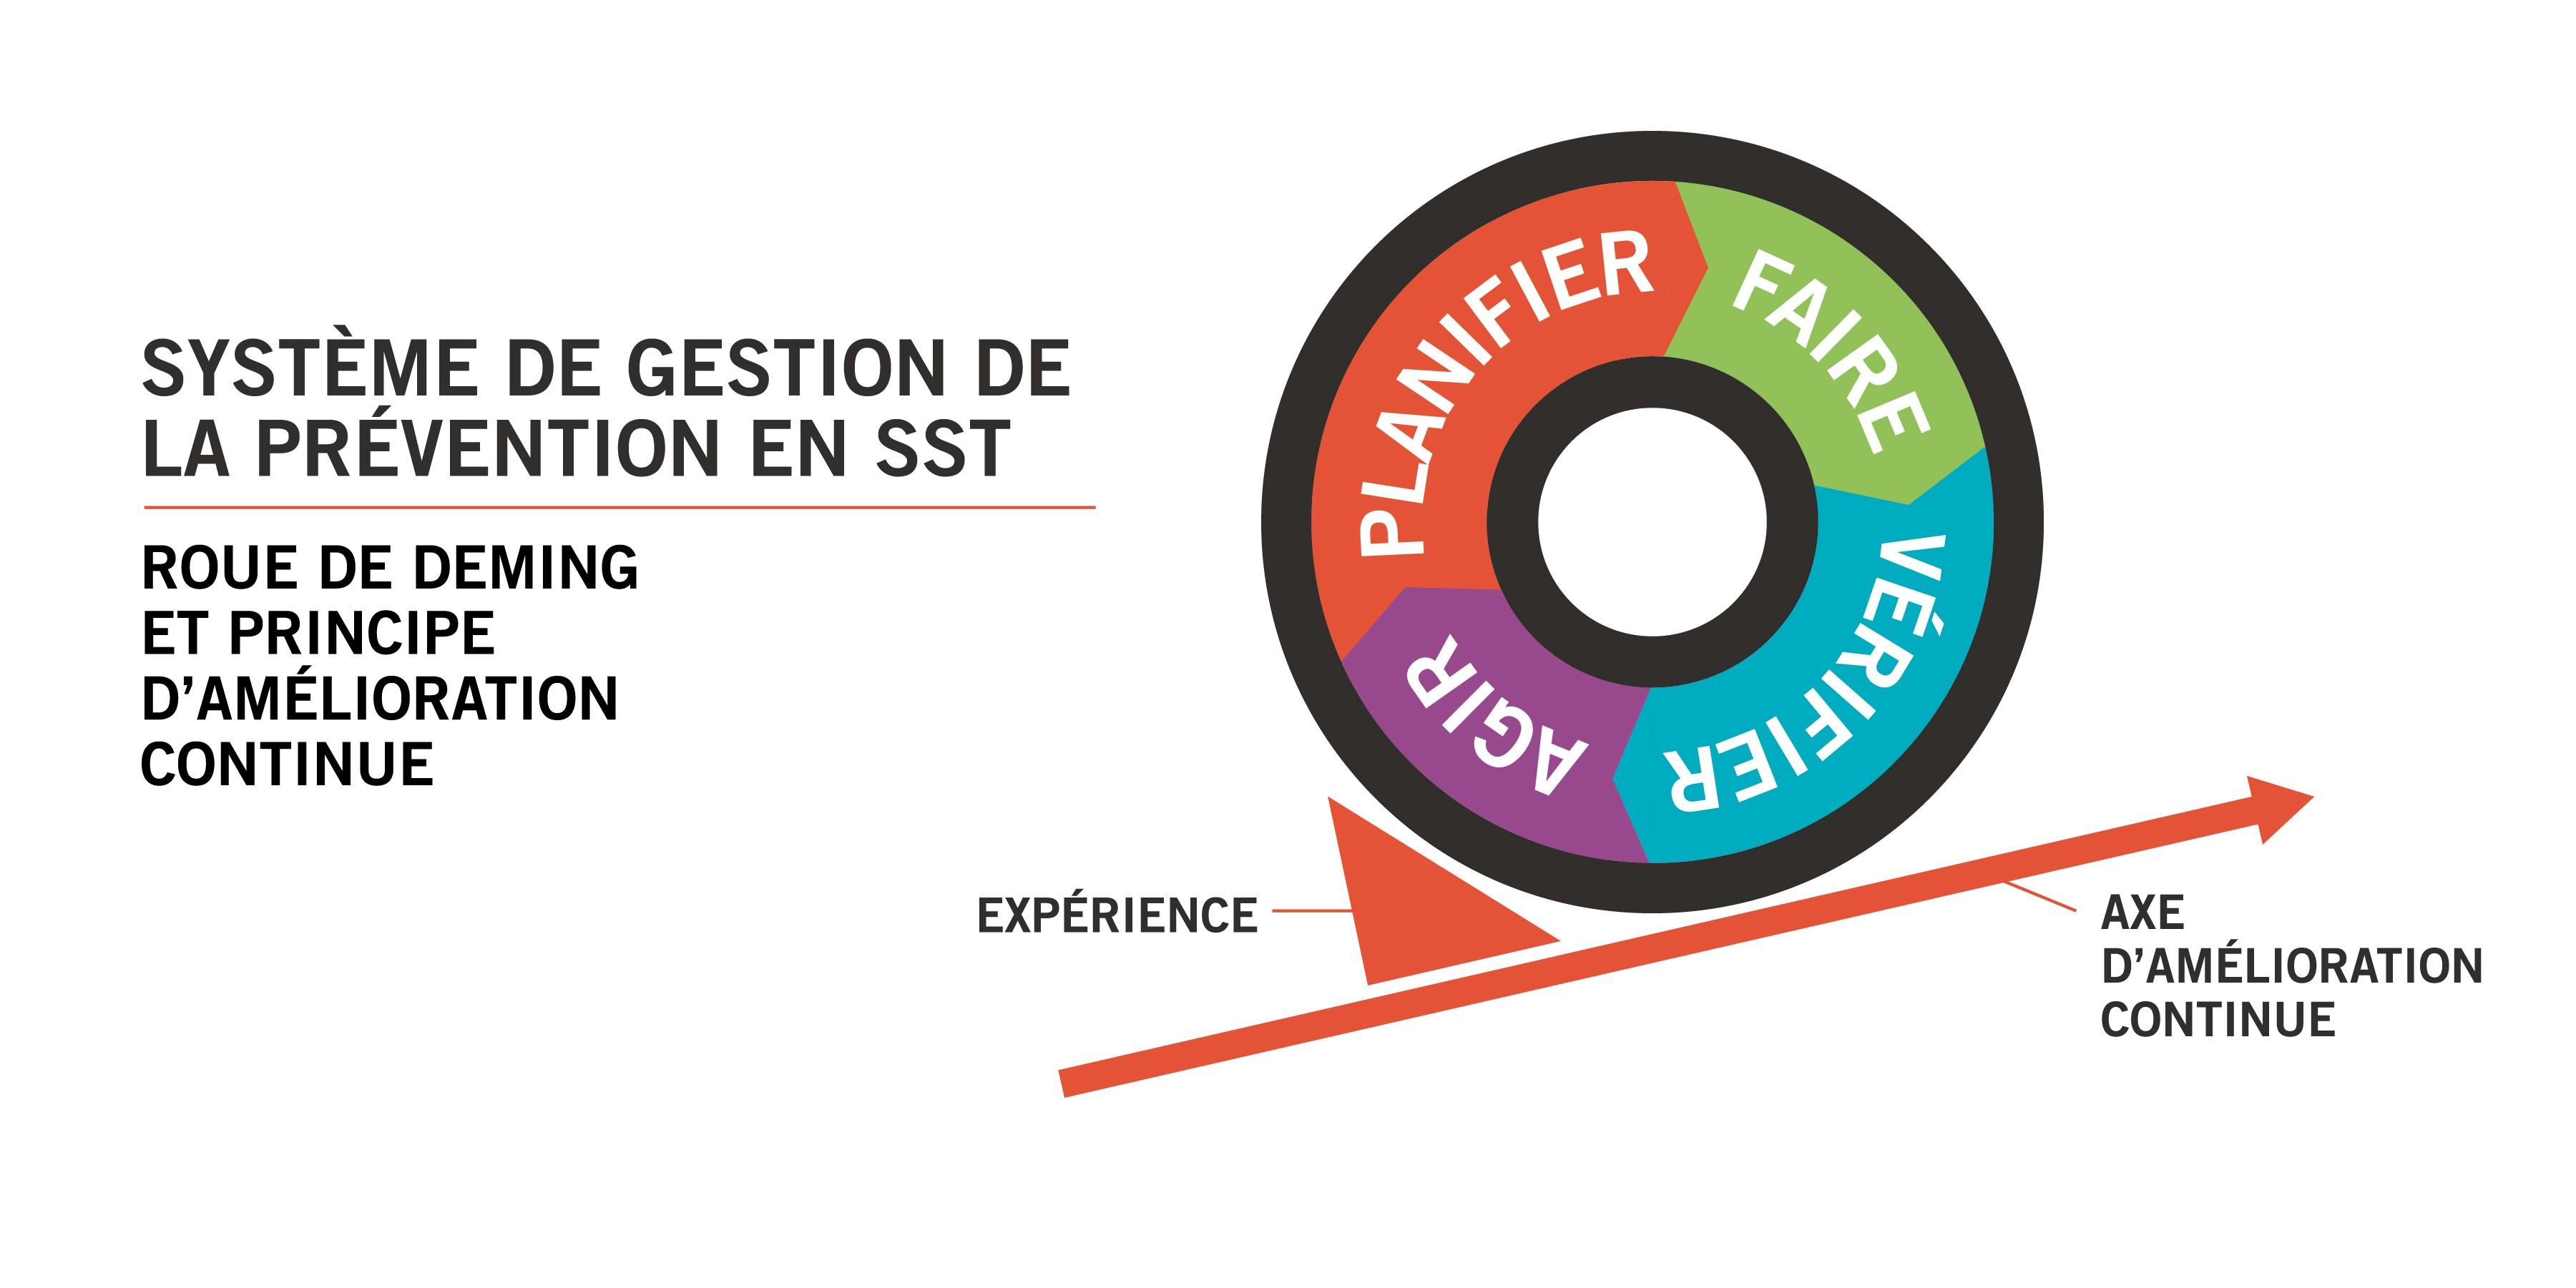 Trousse de gestion en prévention de la SST